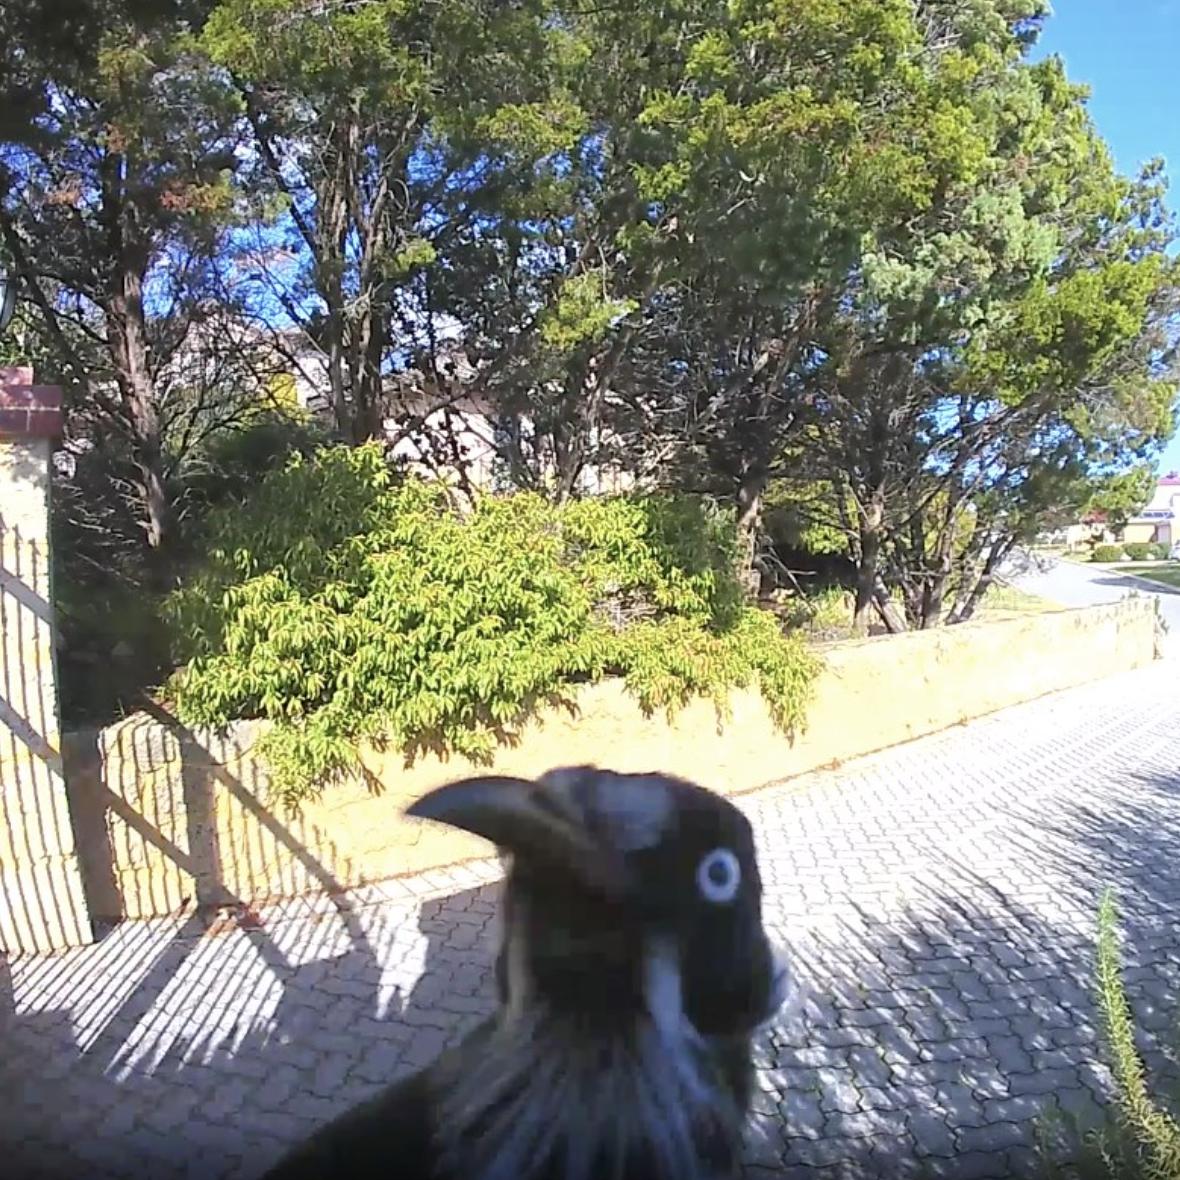 *Doorbell rang* …Who dis? Image